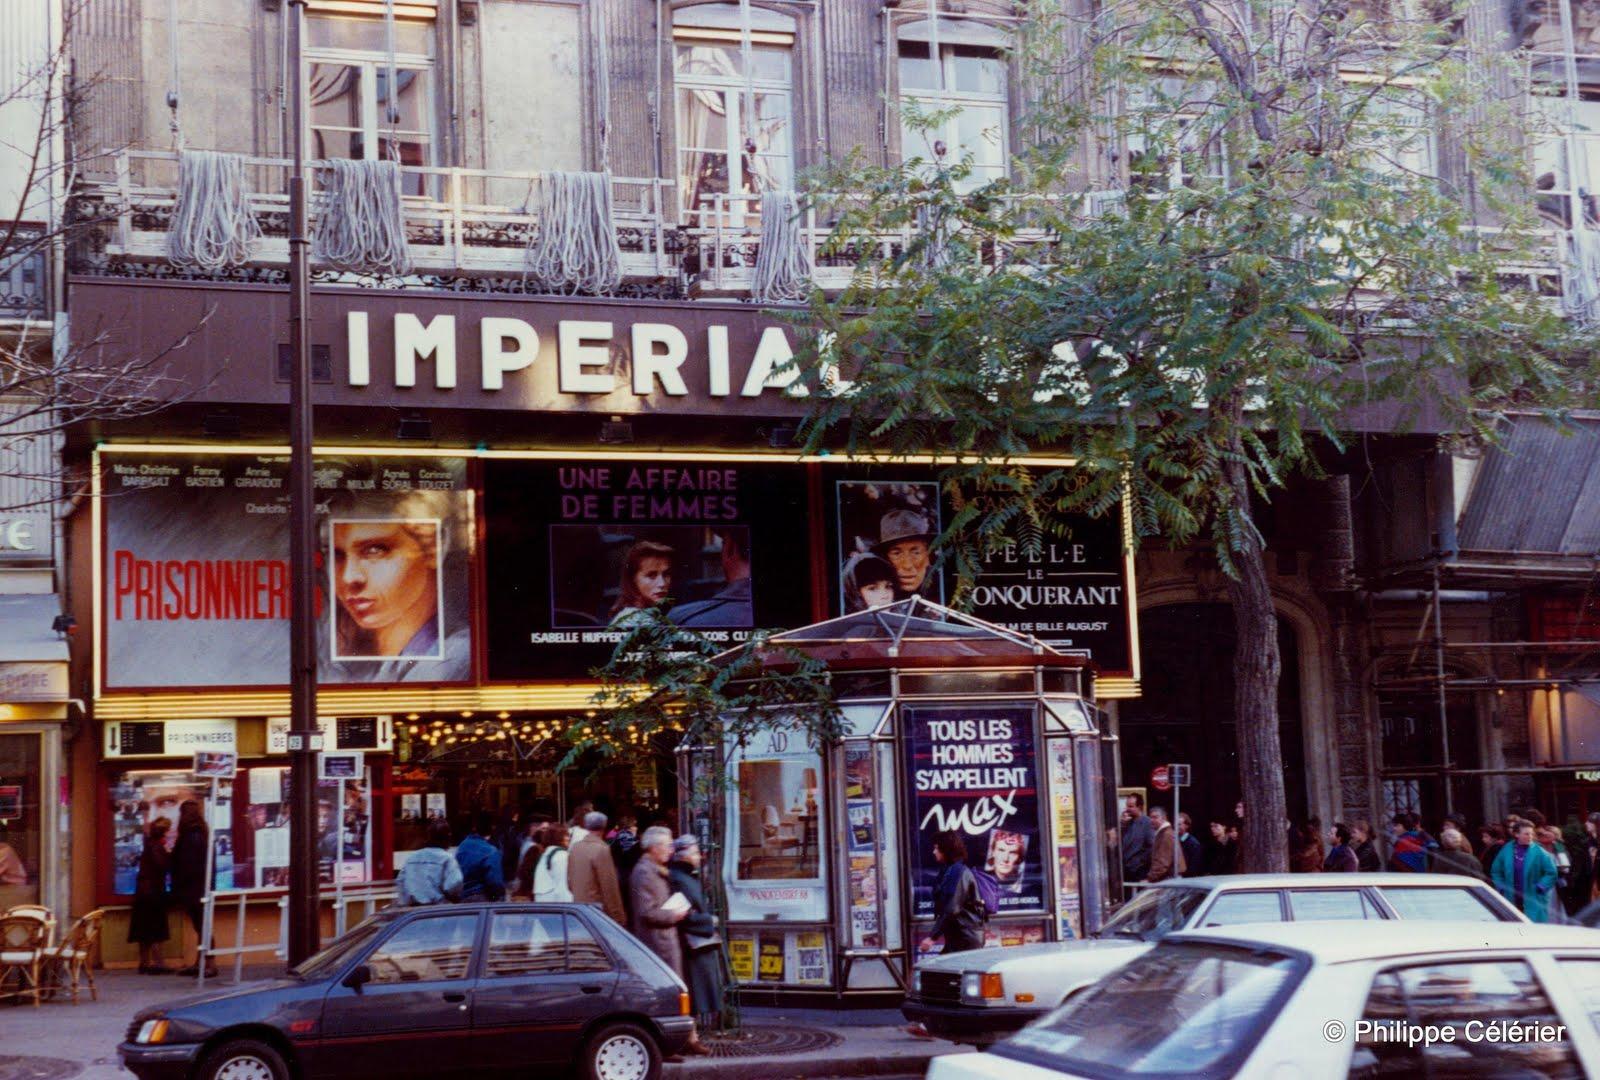 séance opera gaumont